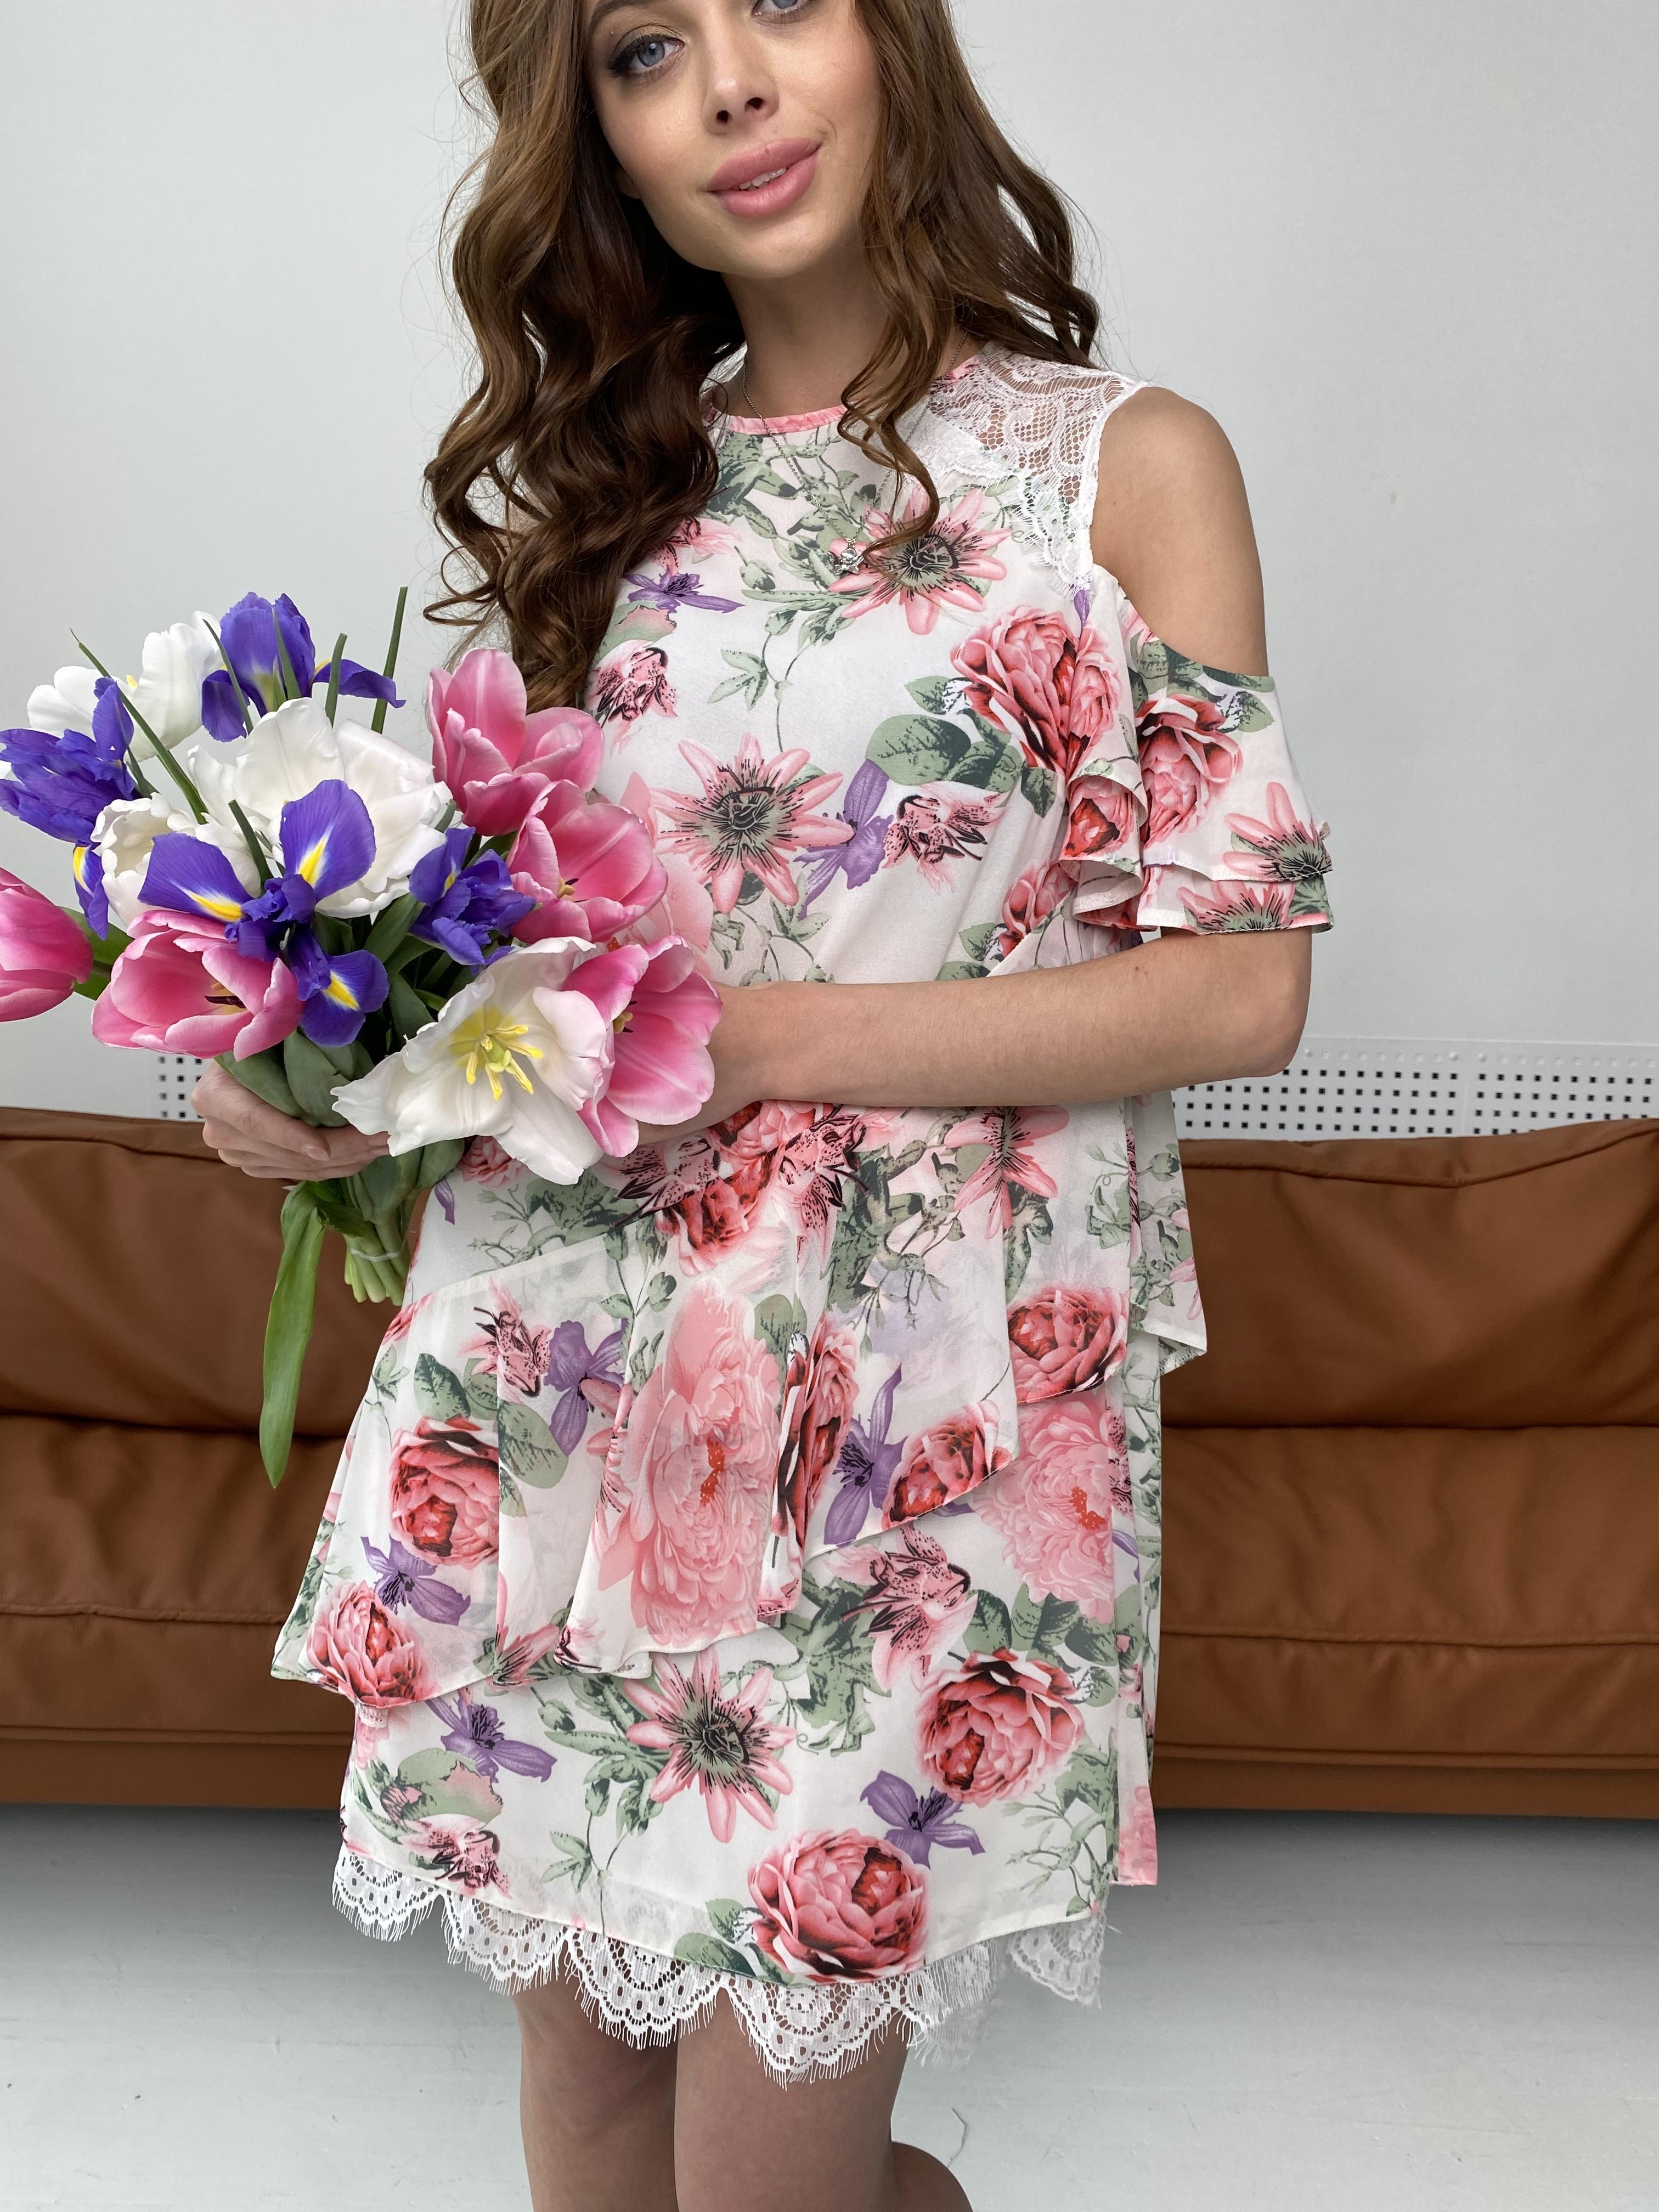 Вито платье из шифона 6945 АРТ. 42410 Цвет: Цветы комби беж - фото 5, интернет магазин tm-modus.ru